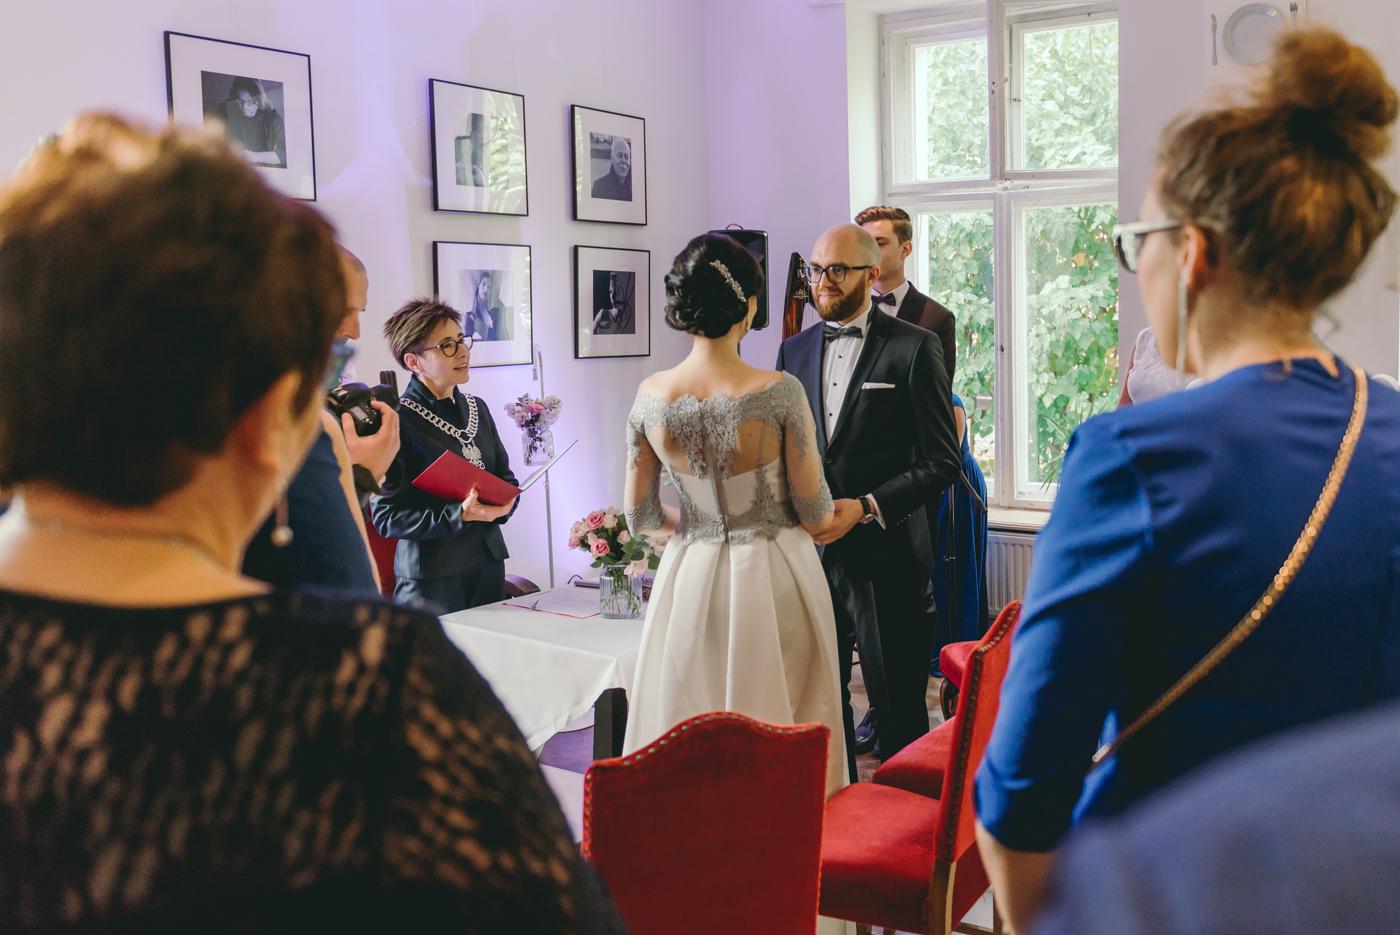 sesja narzeczeńska reportaż ślubny we wrocławiu restauracja przyjaciele i znajomi zdjęcia slubne wrocław fotografia ślubna wrocław